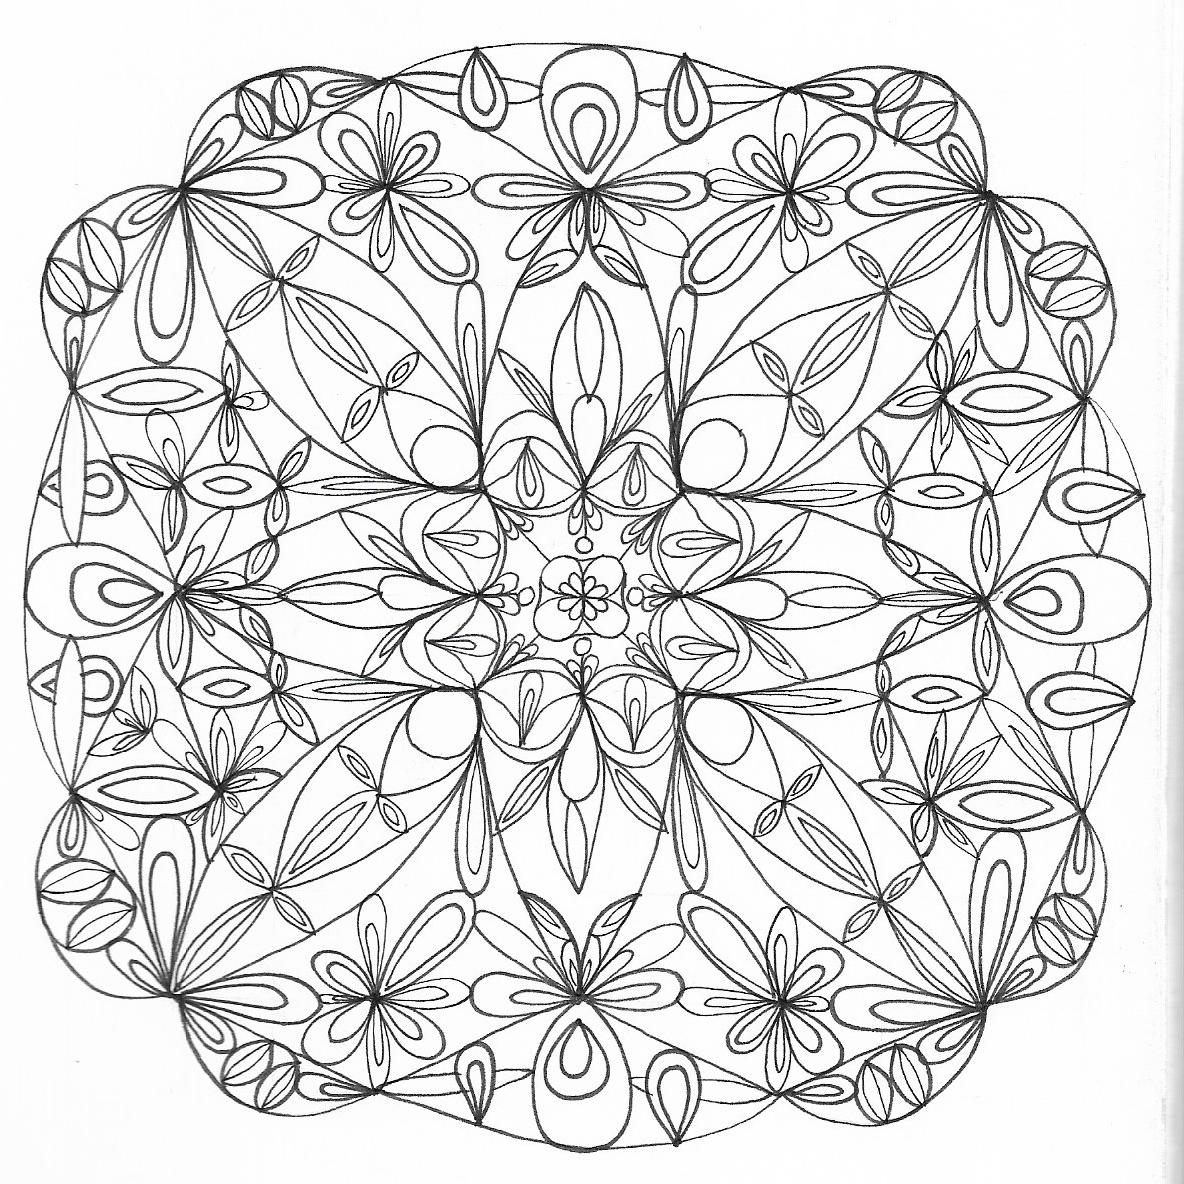 intricate mandala - bw.jpg